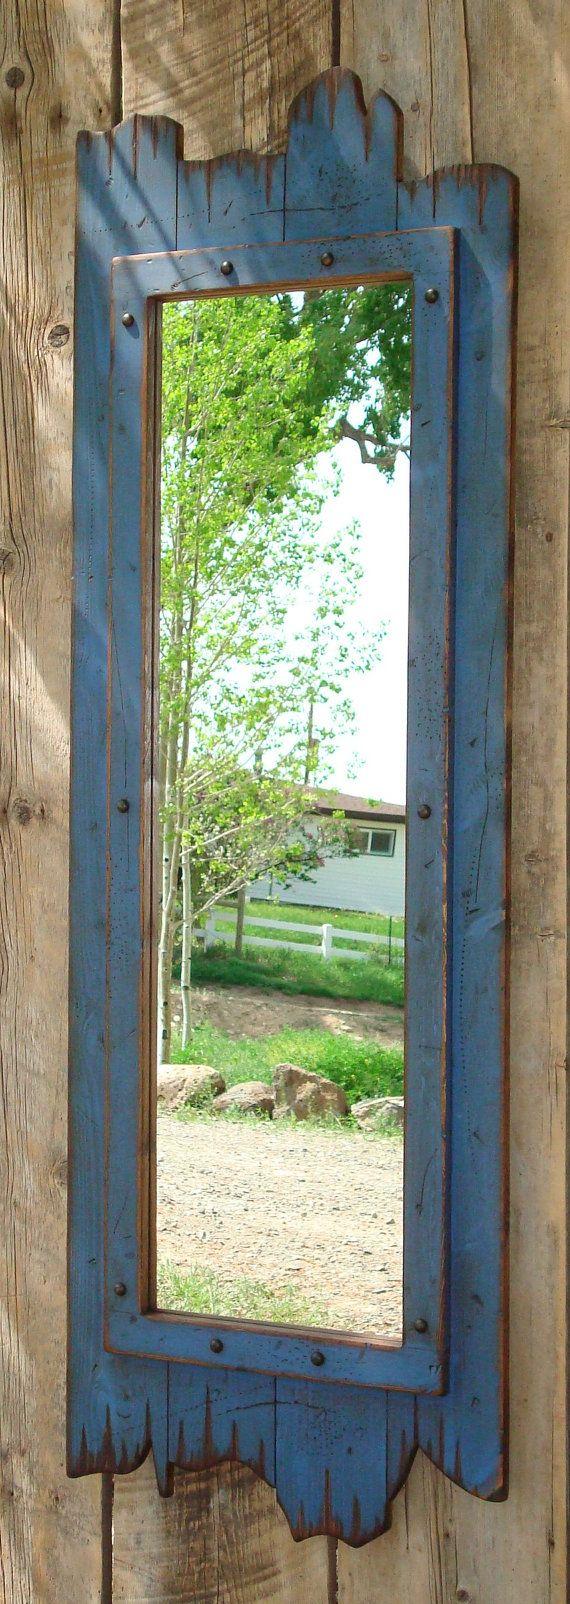 Este espejo de madera de granero integral se hace de madera de pino real. Hemos dado este marco de madera un aspecto apenado envejecido para que se vea viejo, como su estado colgando hacia fuera en el granero durante años. ¿Tienes una tienda o un restaurante quizá un bed & breakfast o cabina? Este espejo es ideal para un vestidor, a manera de entrada, baño, dormitorio, armario o cualquier lugar en el lugar del hogar o del negocio. Colgar este espejo Horizontal o vertical. Son hechos a man...